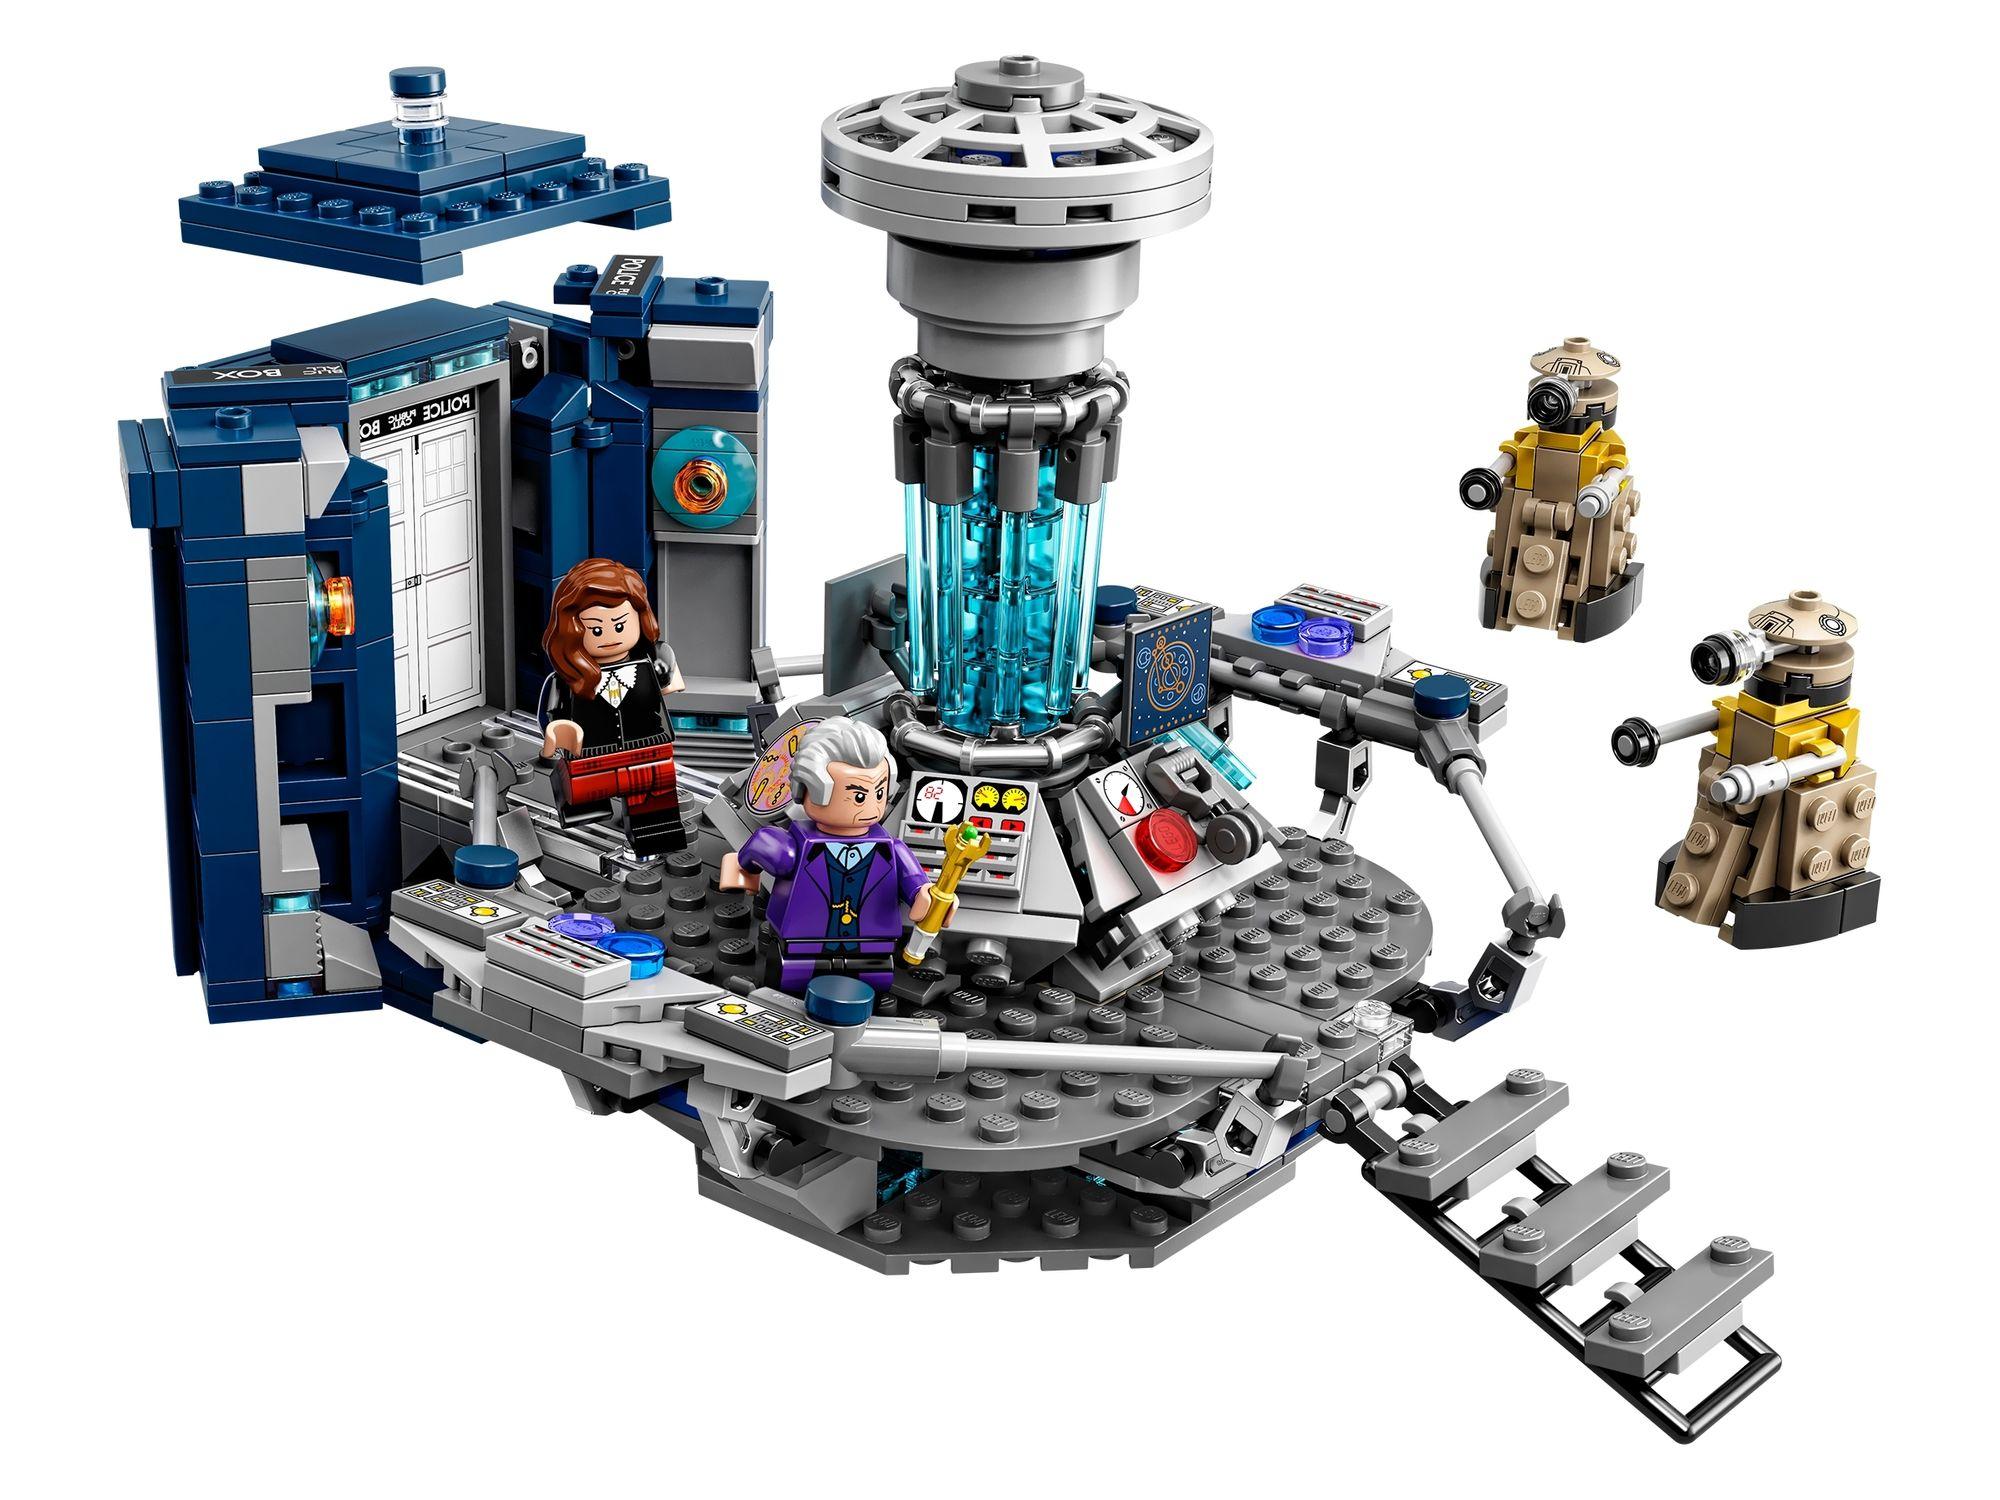 LEGO Ideas 21304 Doctor Who TARDIS